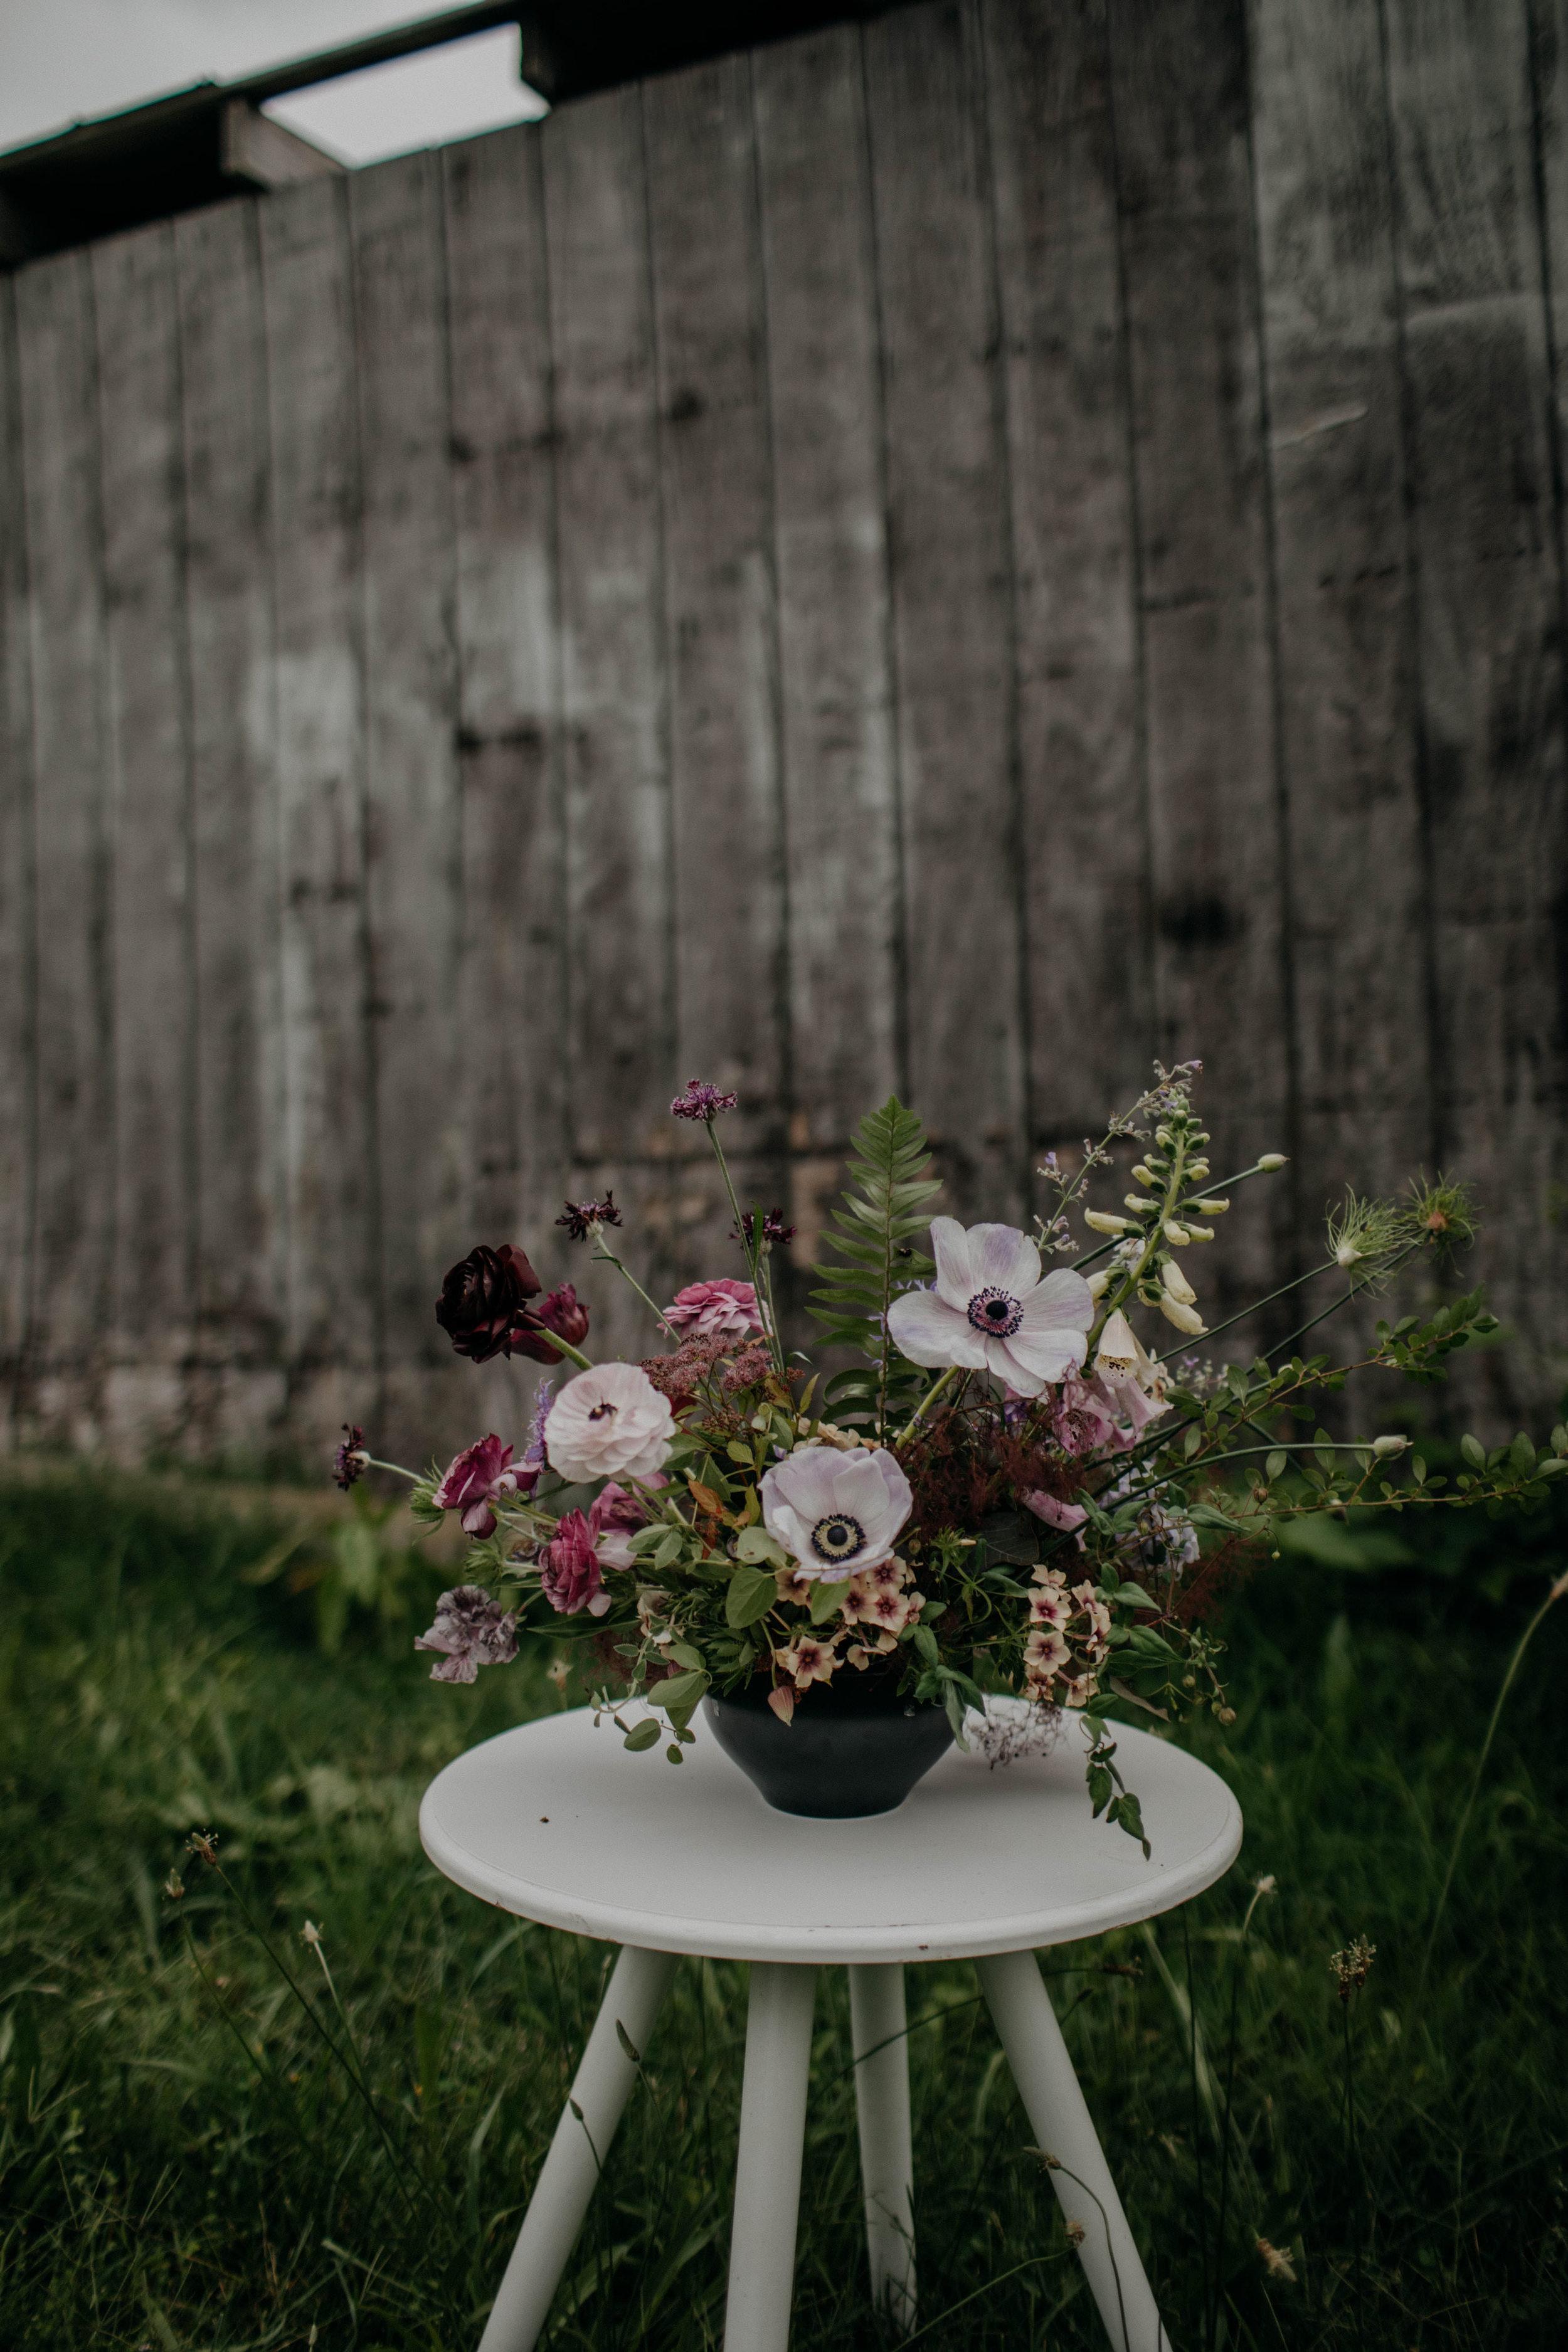 nashville floral workshop nashville tennessee wedding photographer82.jpg